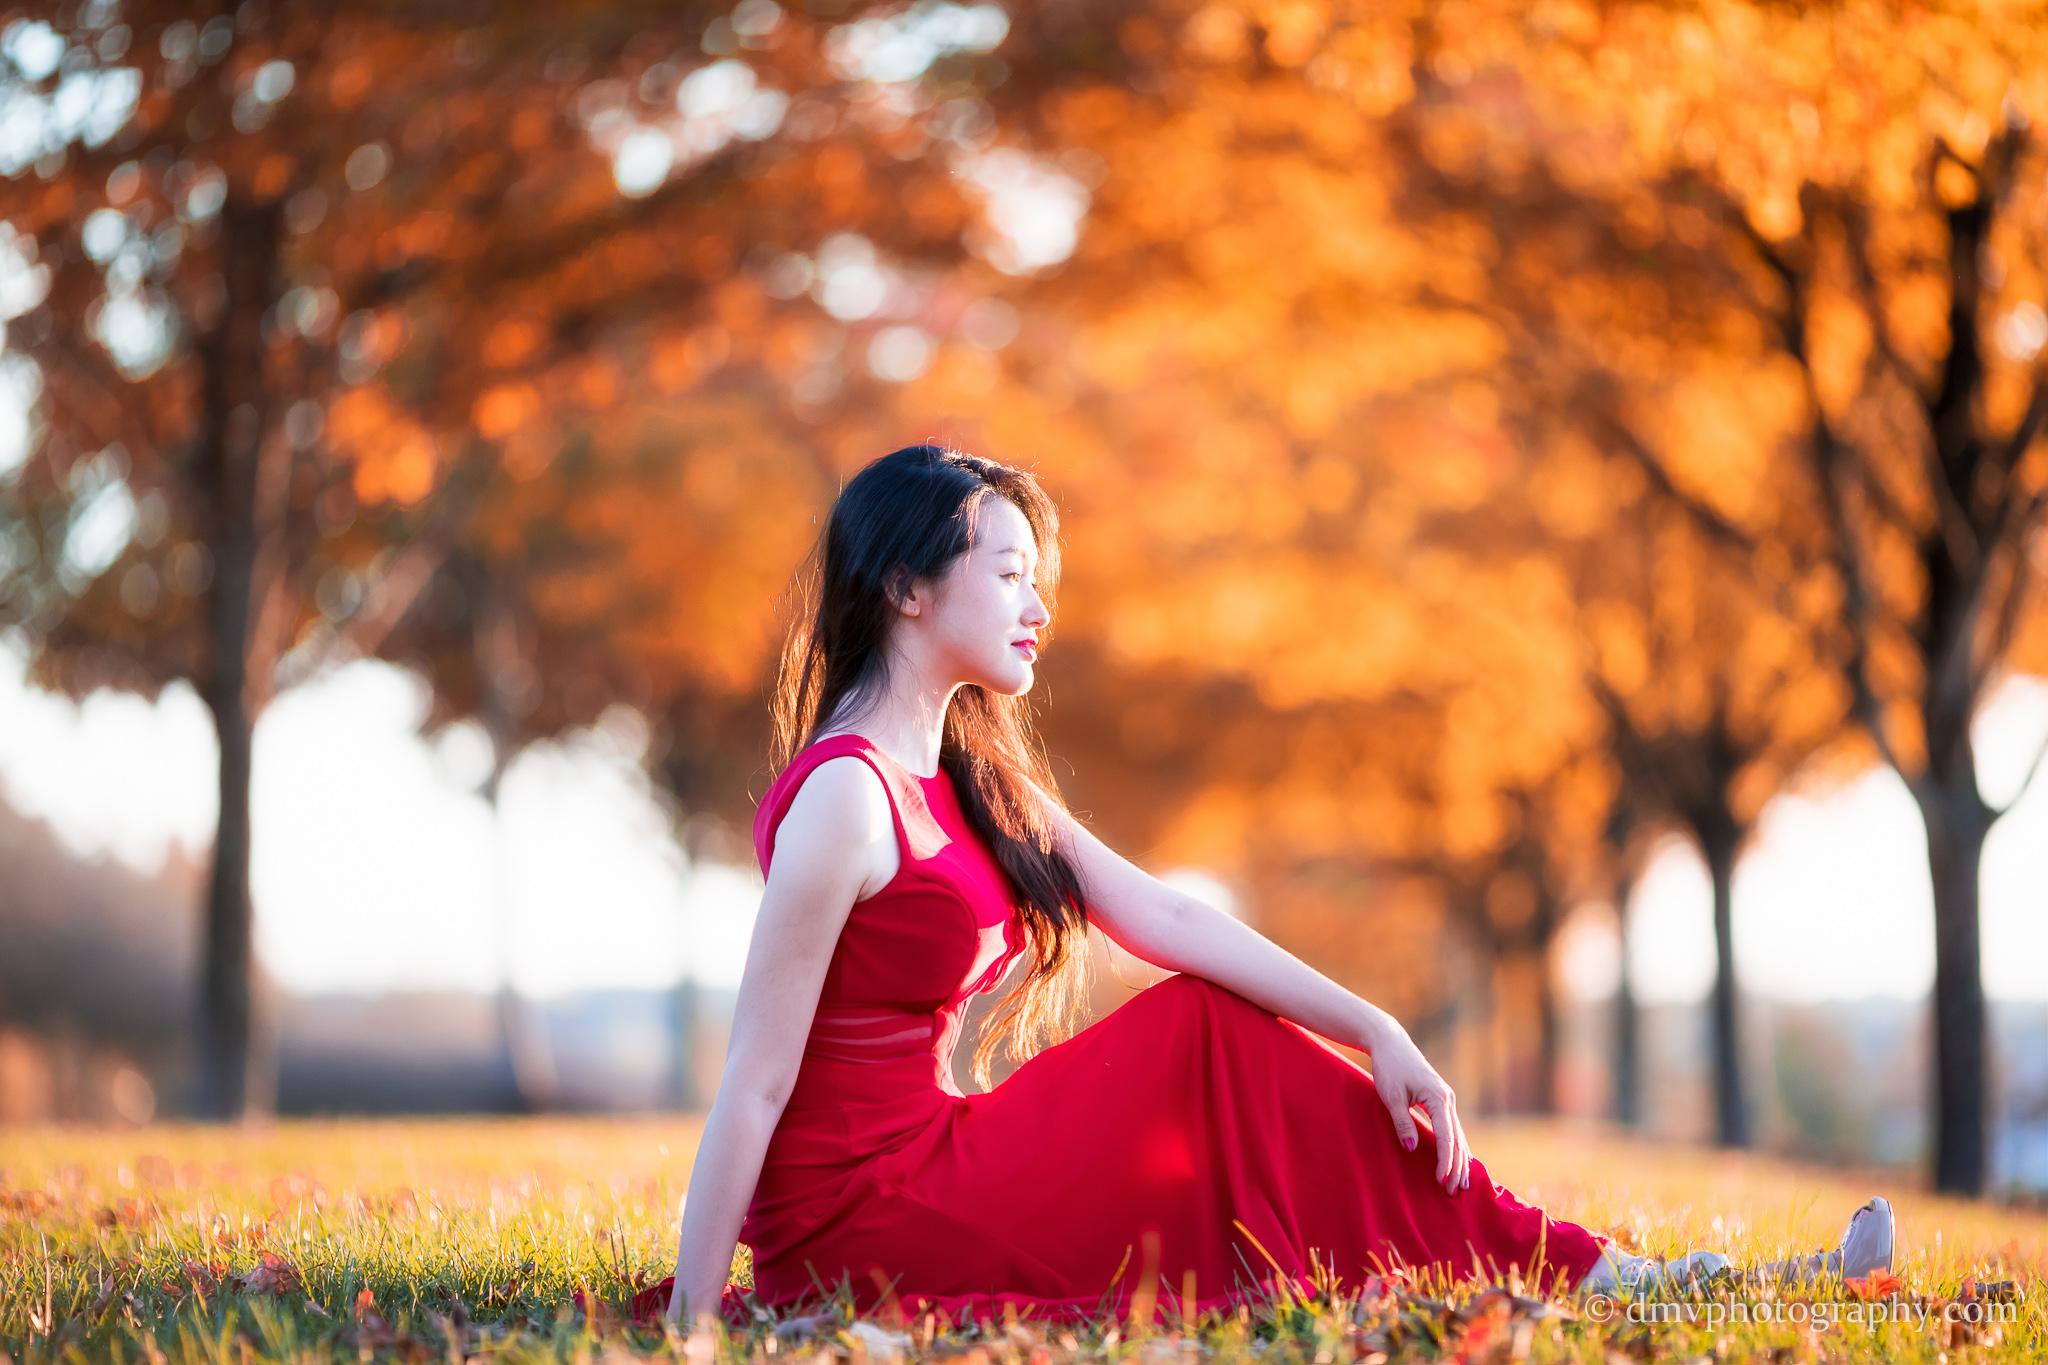 2016-10-29 - Li Jie - 00001 - 00045